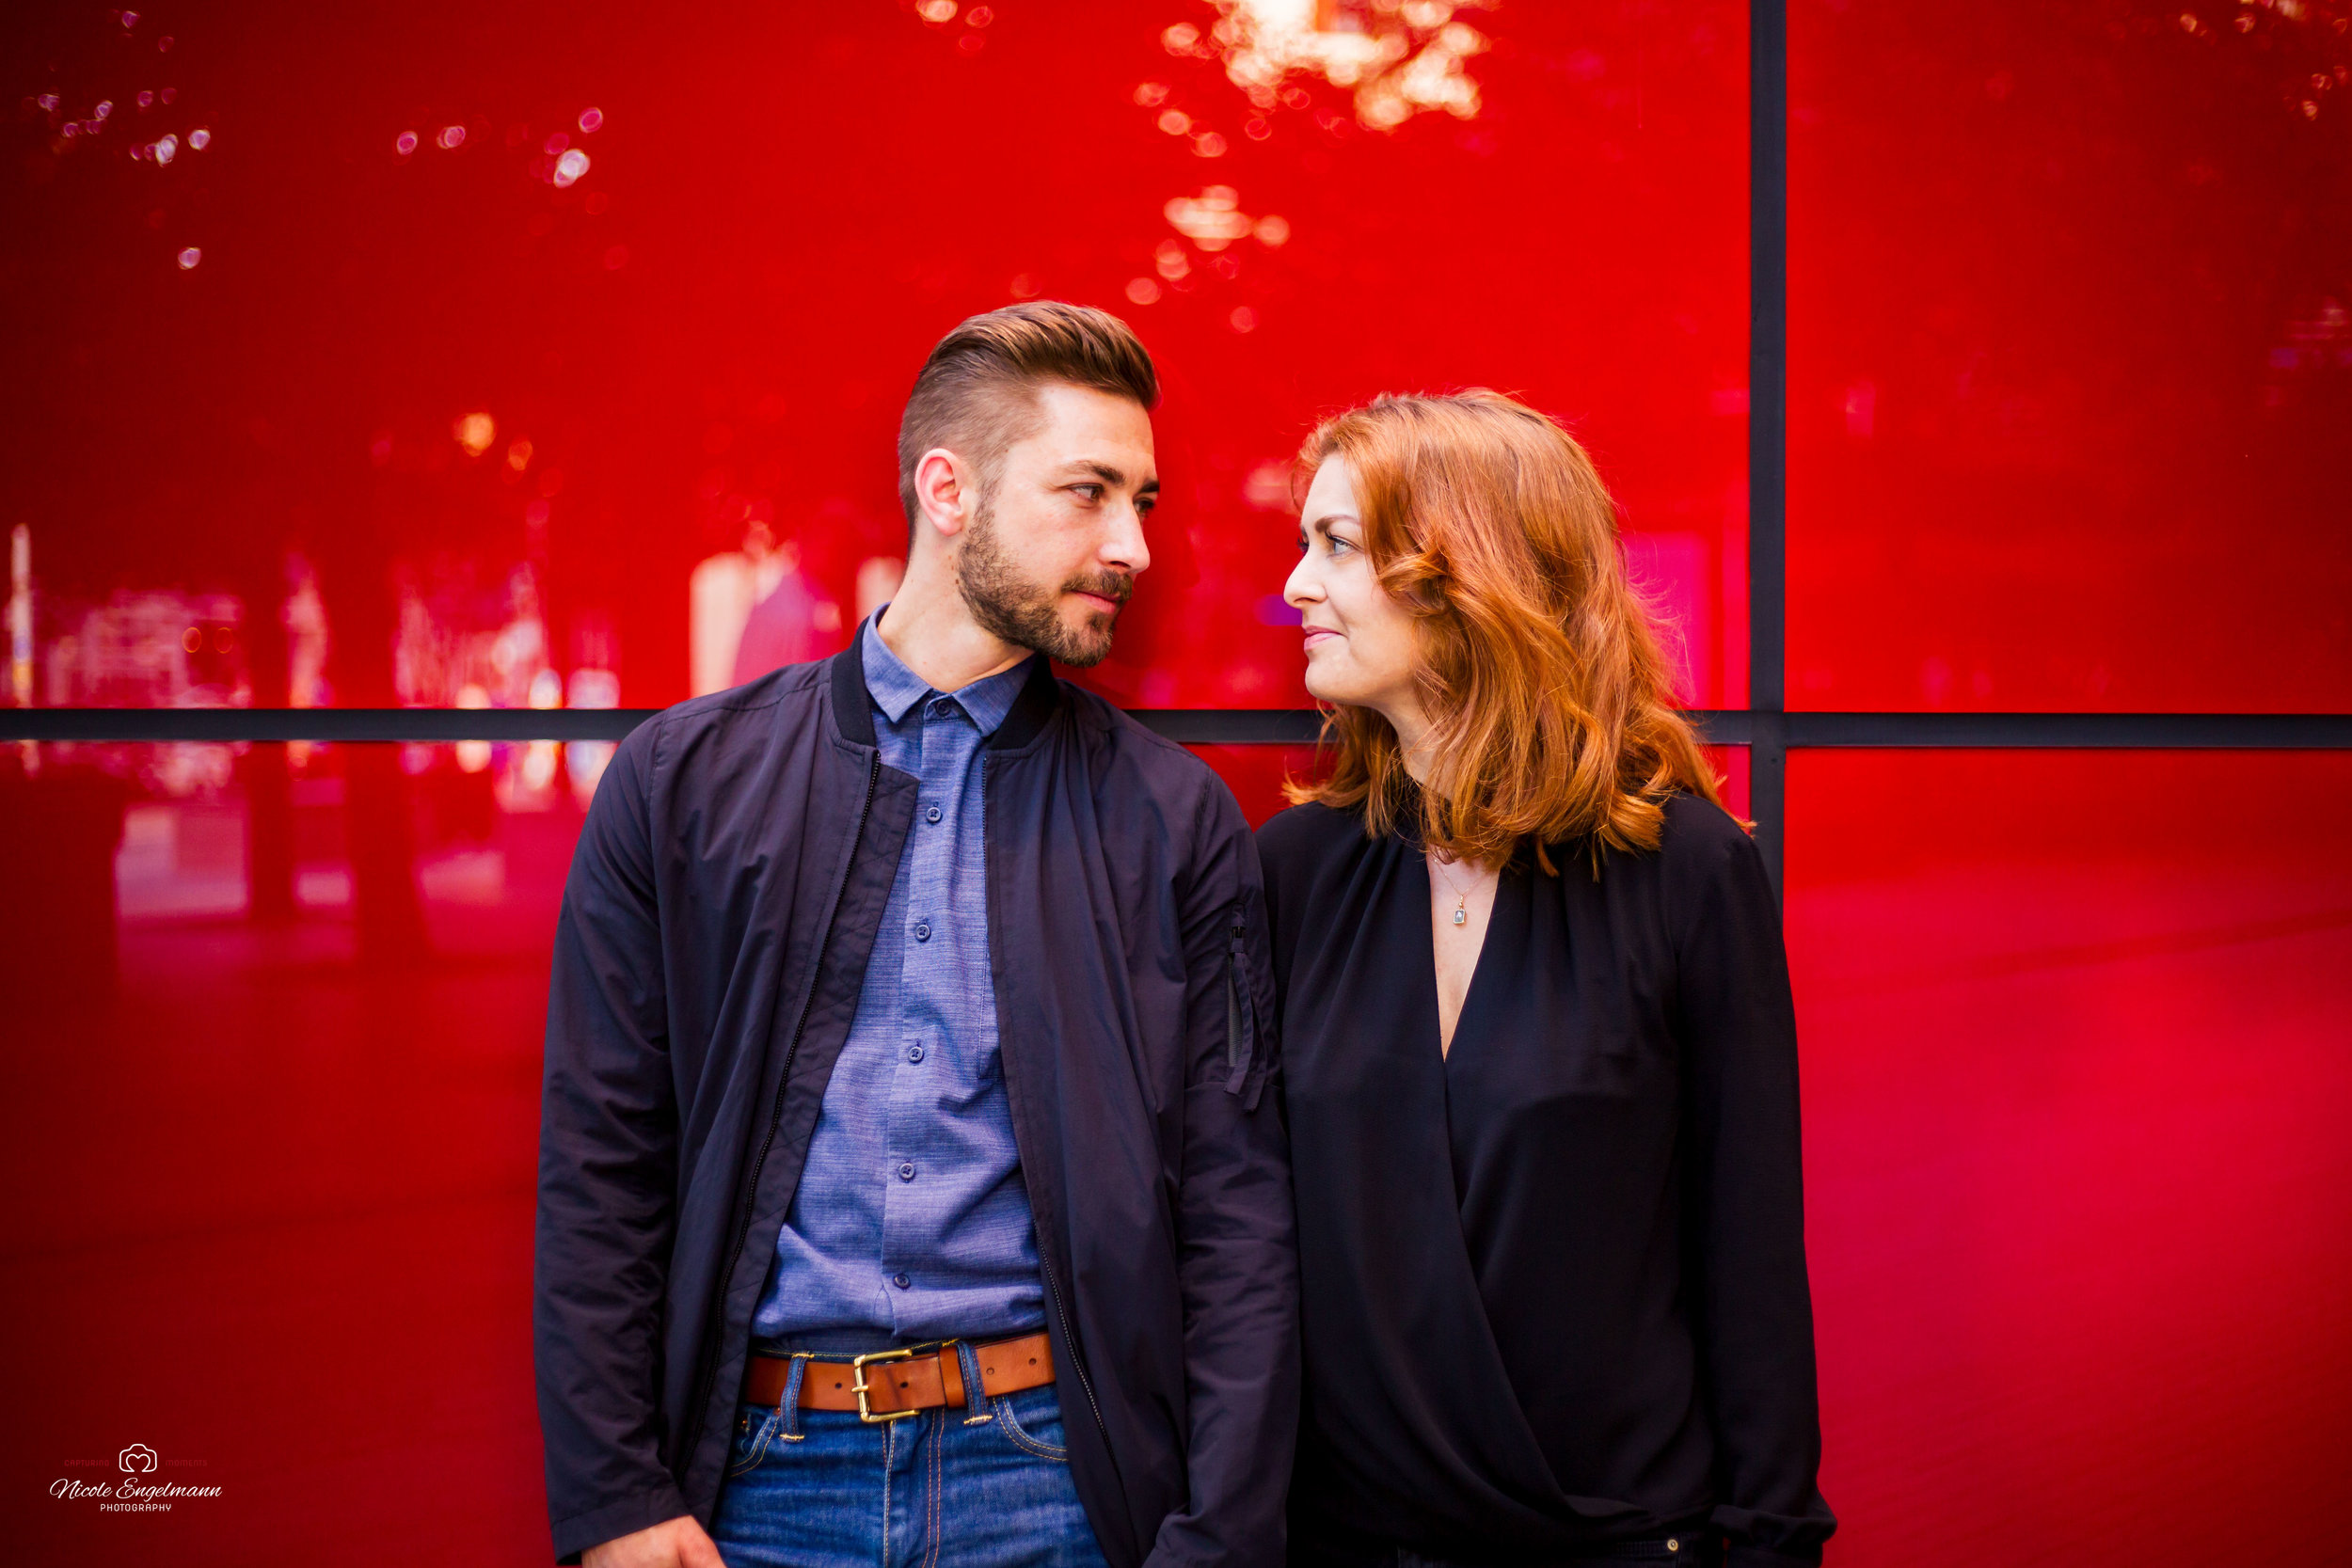 Annamaria & Tom WM-8.jpg